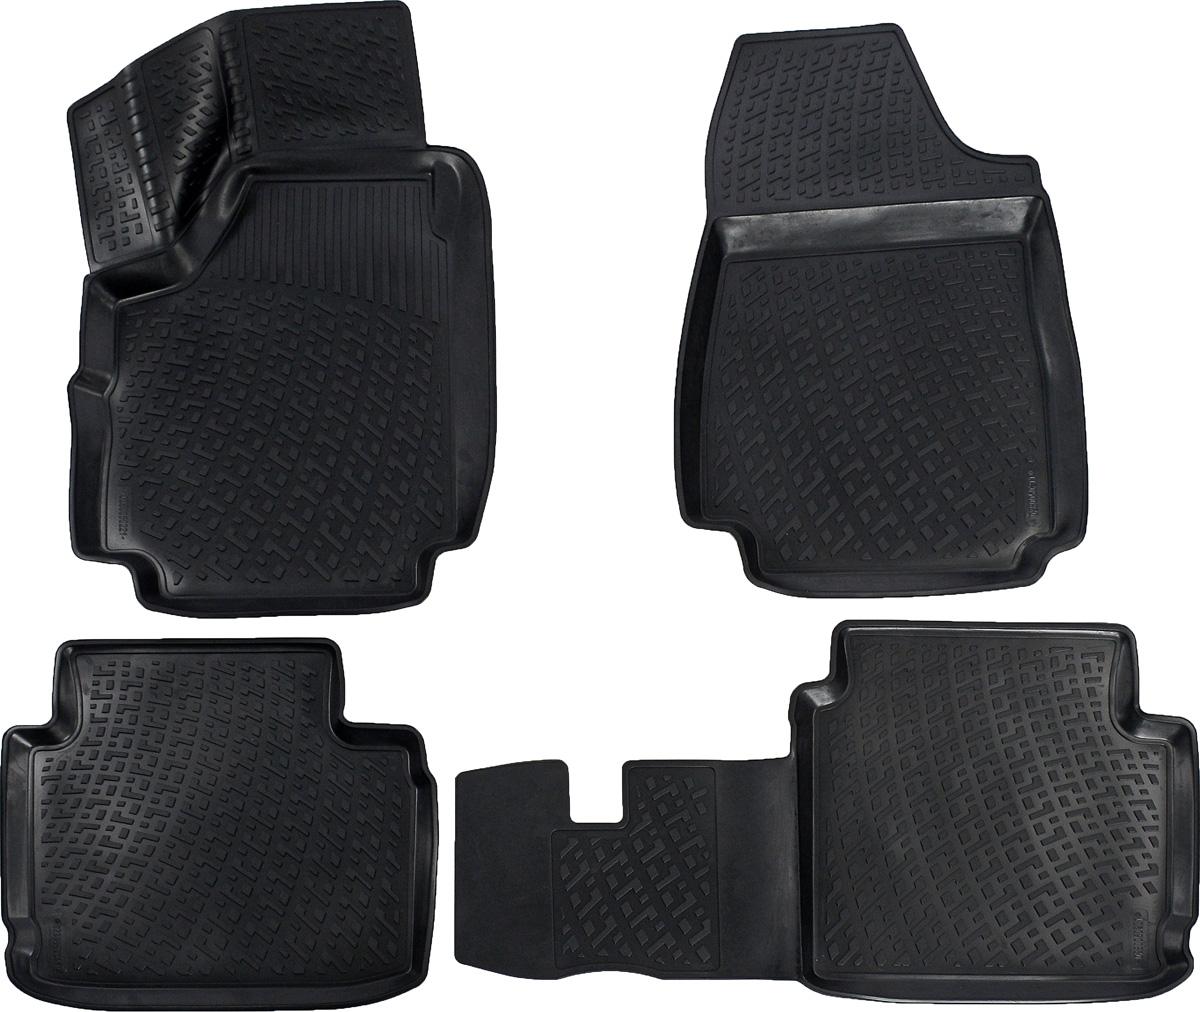 Коврики в салон автомобиля L.Locker, для ВАЗ Нива 21213-218 (10-)Ветерок 2ГФКоврики L.Locker производятся индивидуально для каждой модели автомобиля из современного и экологически чистого материала. Изделия точно повторяют геометрию пола автомобиля, имеют высокий борт, обладают повышенной износоустойчивостью, антискользящими свойствами, лишены резкого запаха и сохраняют свои потребительские свойства в широком диапазоне температур (от -50°С до +80°С). Рисунок ковриков специально спроектирован для уменьшения скольжения ног водителя и имеет достаточную глубину, препятствующую свободному перемещению жидкости и грязи на поверхности. Одновременно с этим рисунок не создает дискомфорта при вождении автомобиля. Водительский ковер с предустановленными креплениями фиксируется на штатные места в полу салона автомобиля. Новая технология системы креплений герметична, не дает влаге и грязи проникать внутрь через крепеж на обшивку пола.